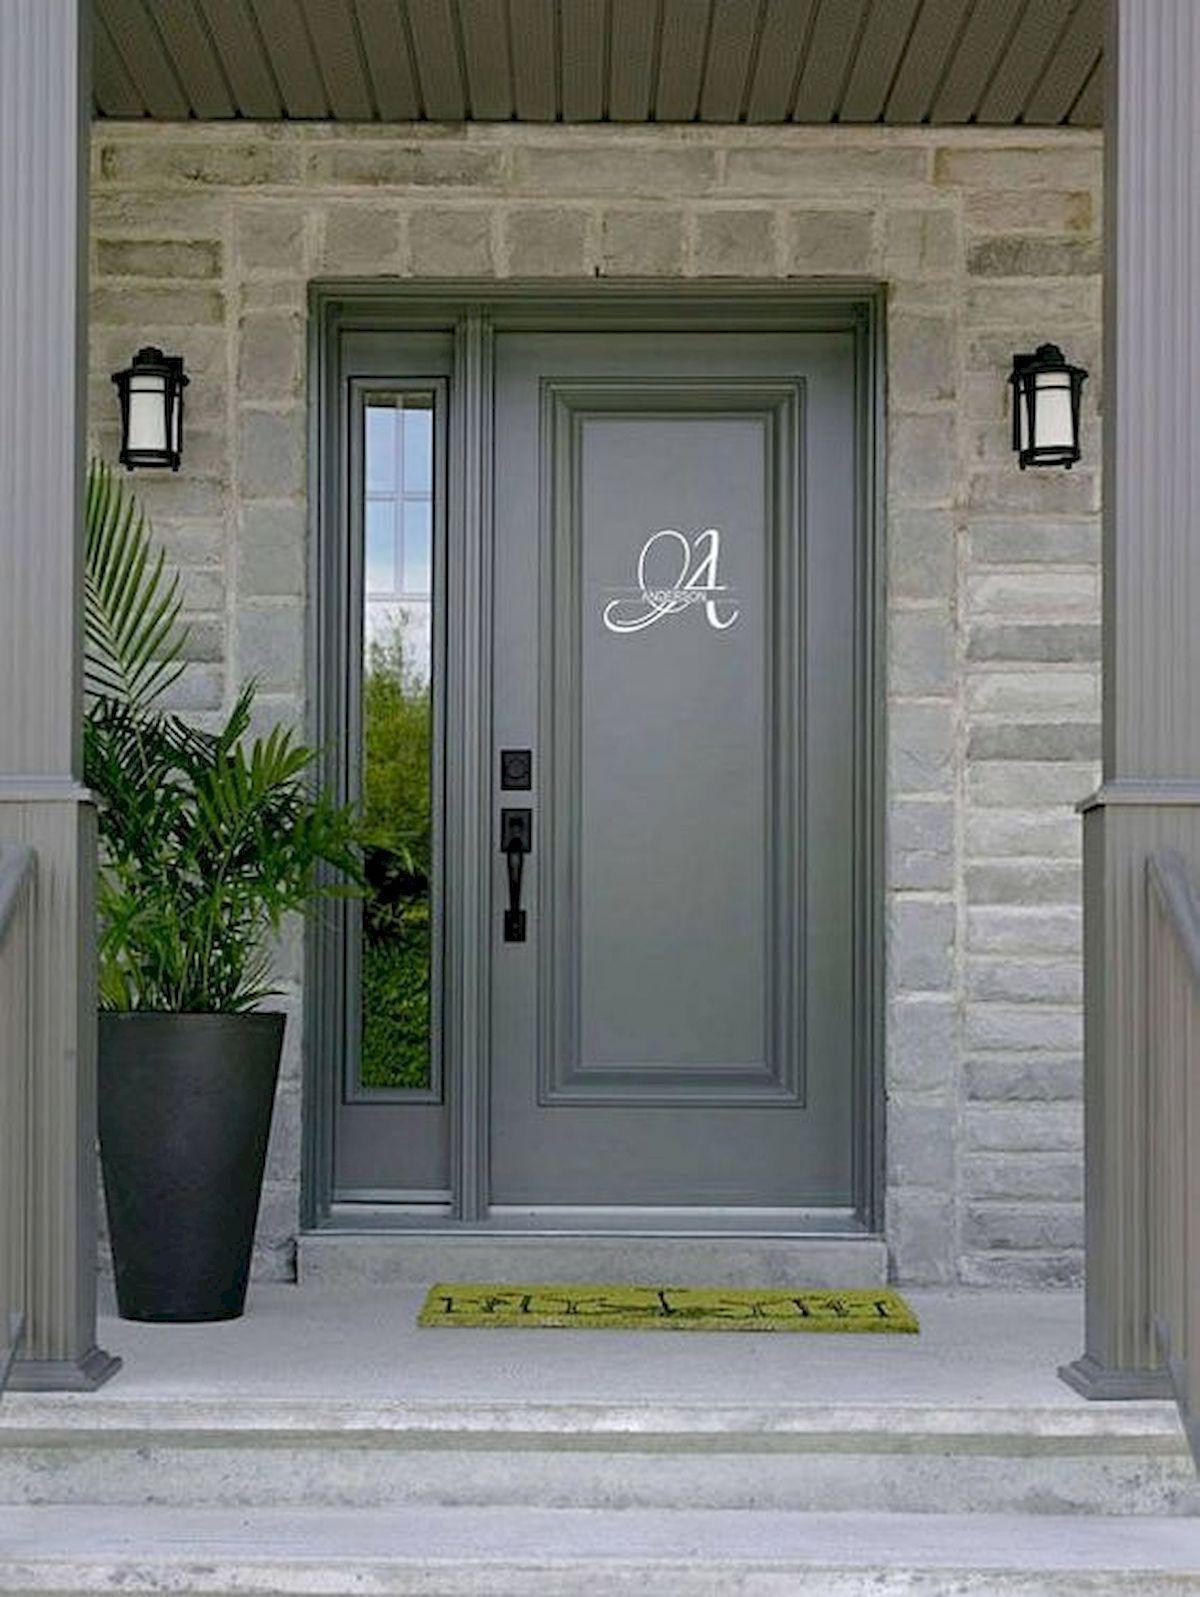 Pin By Brone Tin On Enterance Voordeur Exterior Door Colors Steel Doors Exterior Front Door Styles